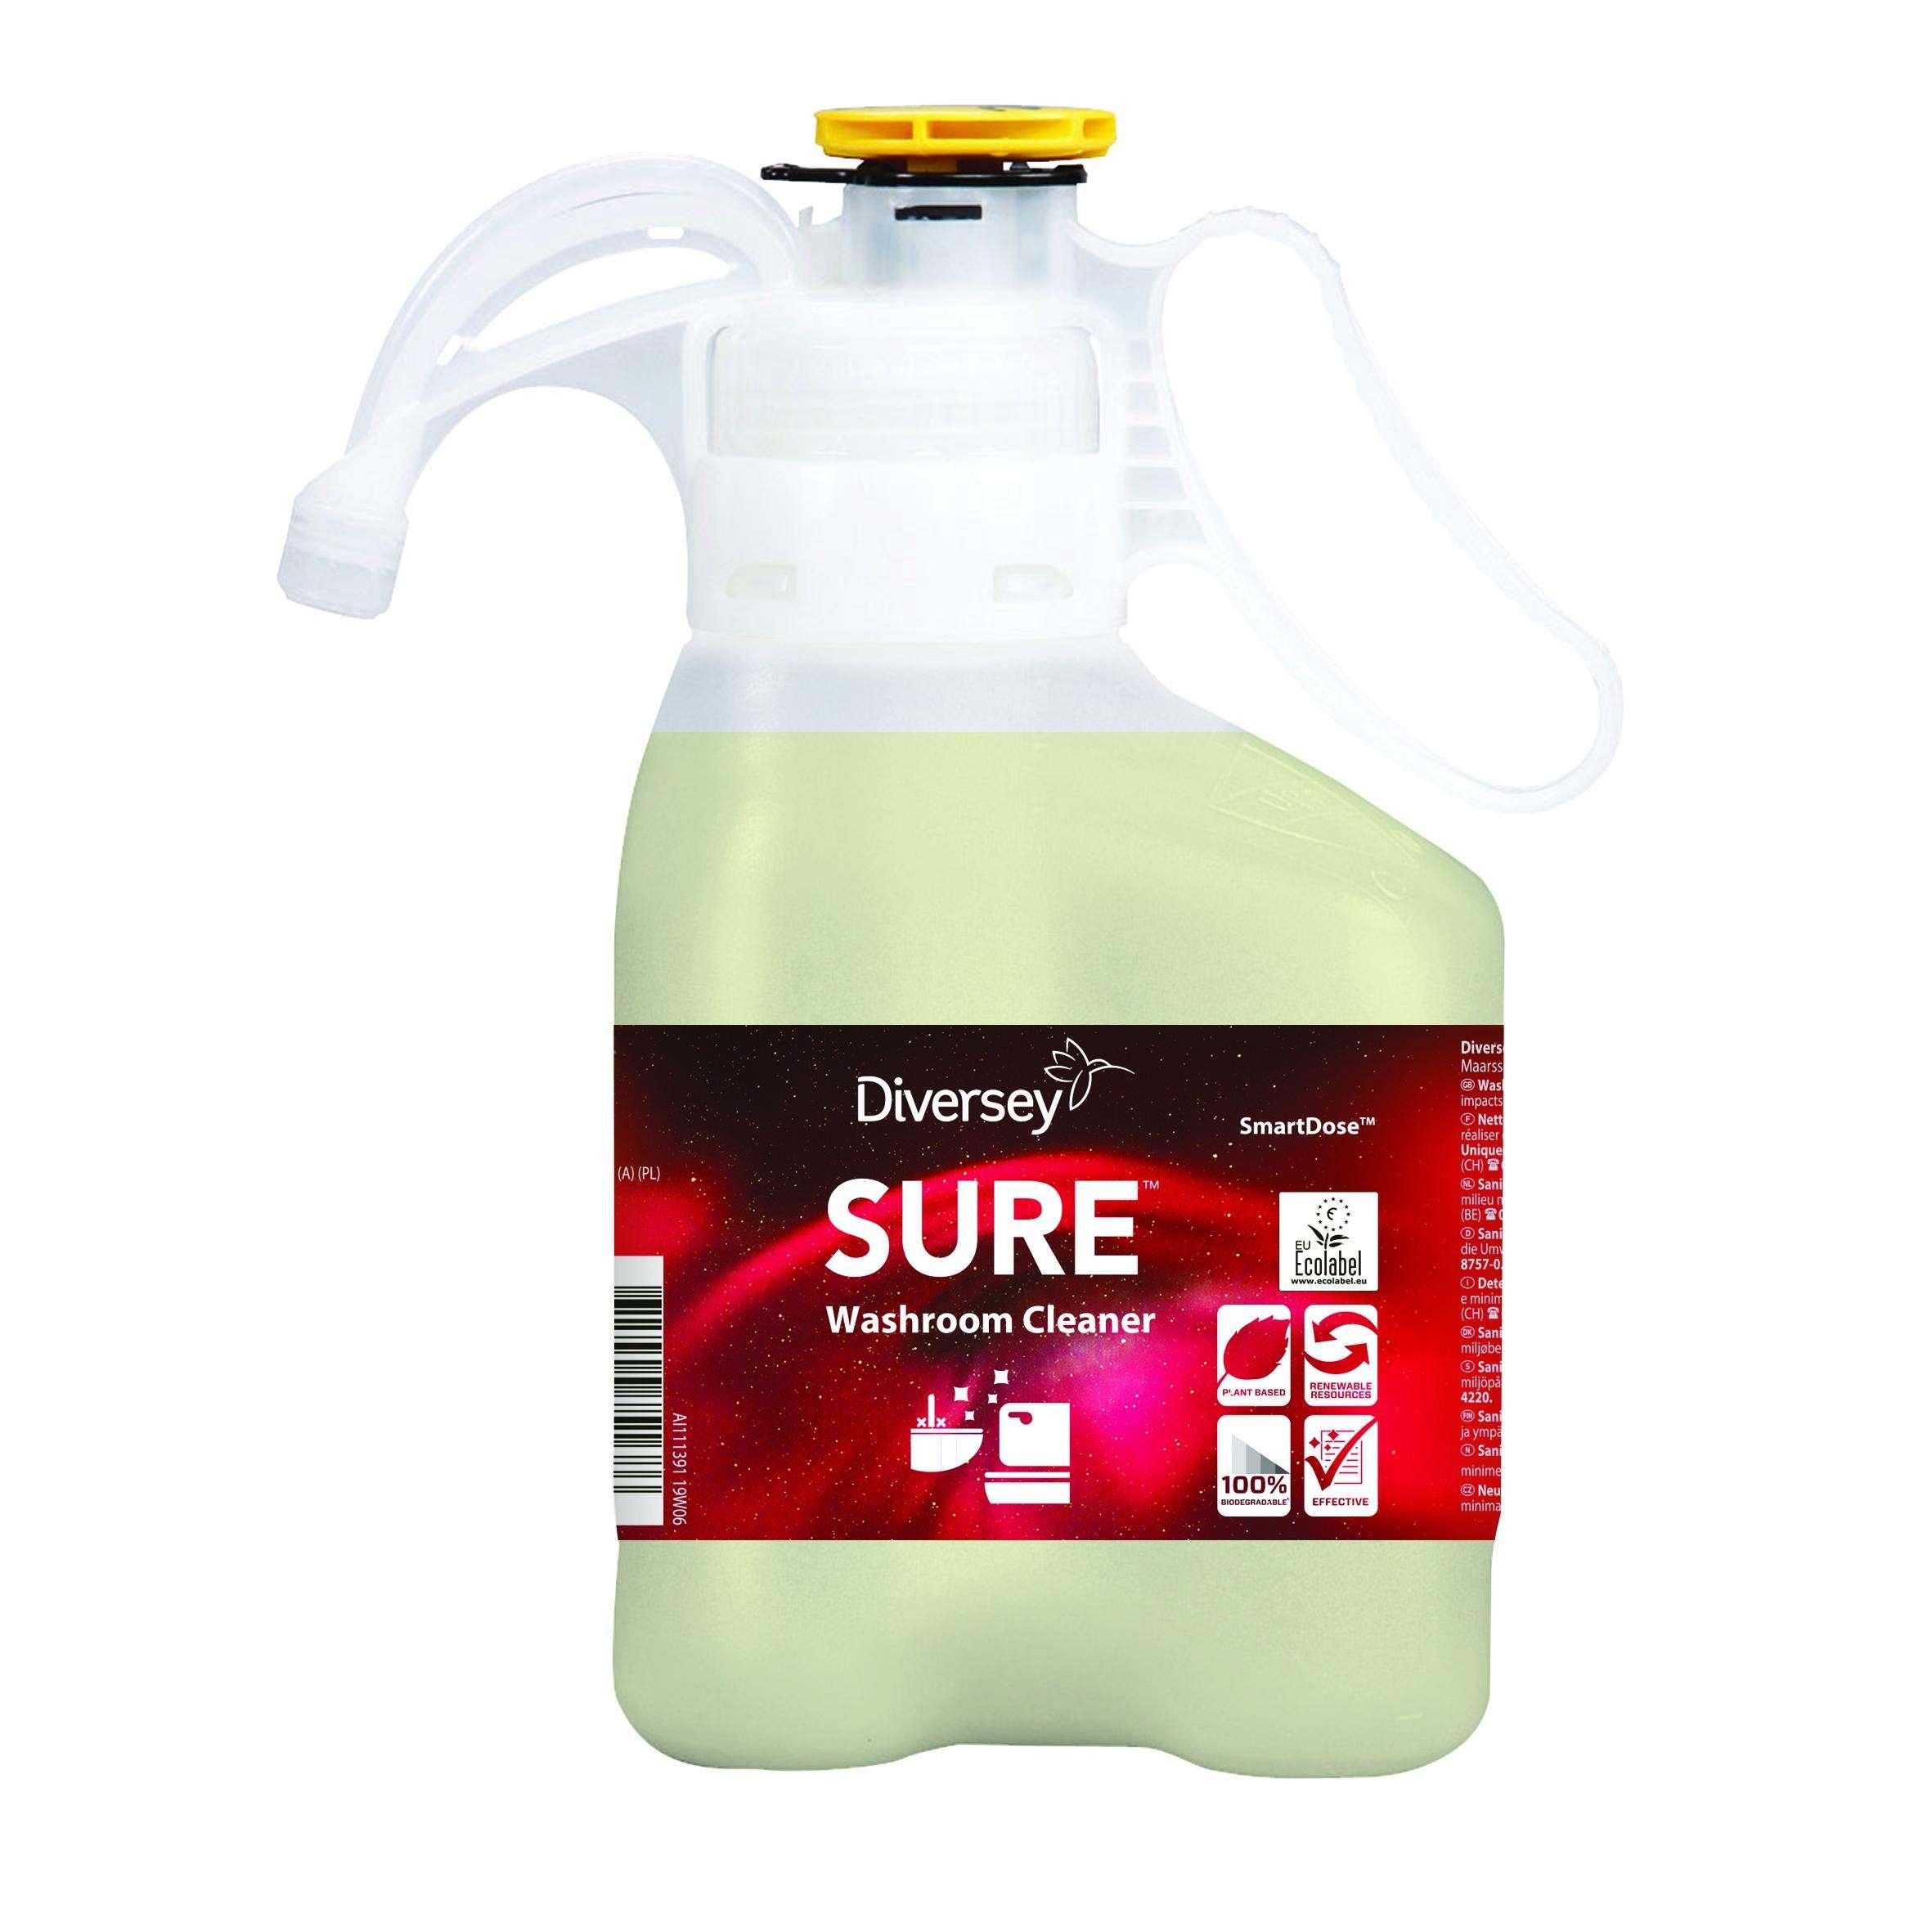 100920823-SURE-Washroom-Cleaner-SmartDose-CMYK-20x20cm.jpg